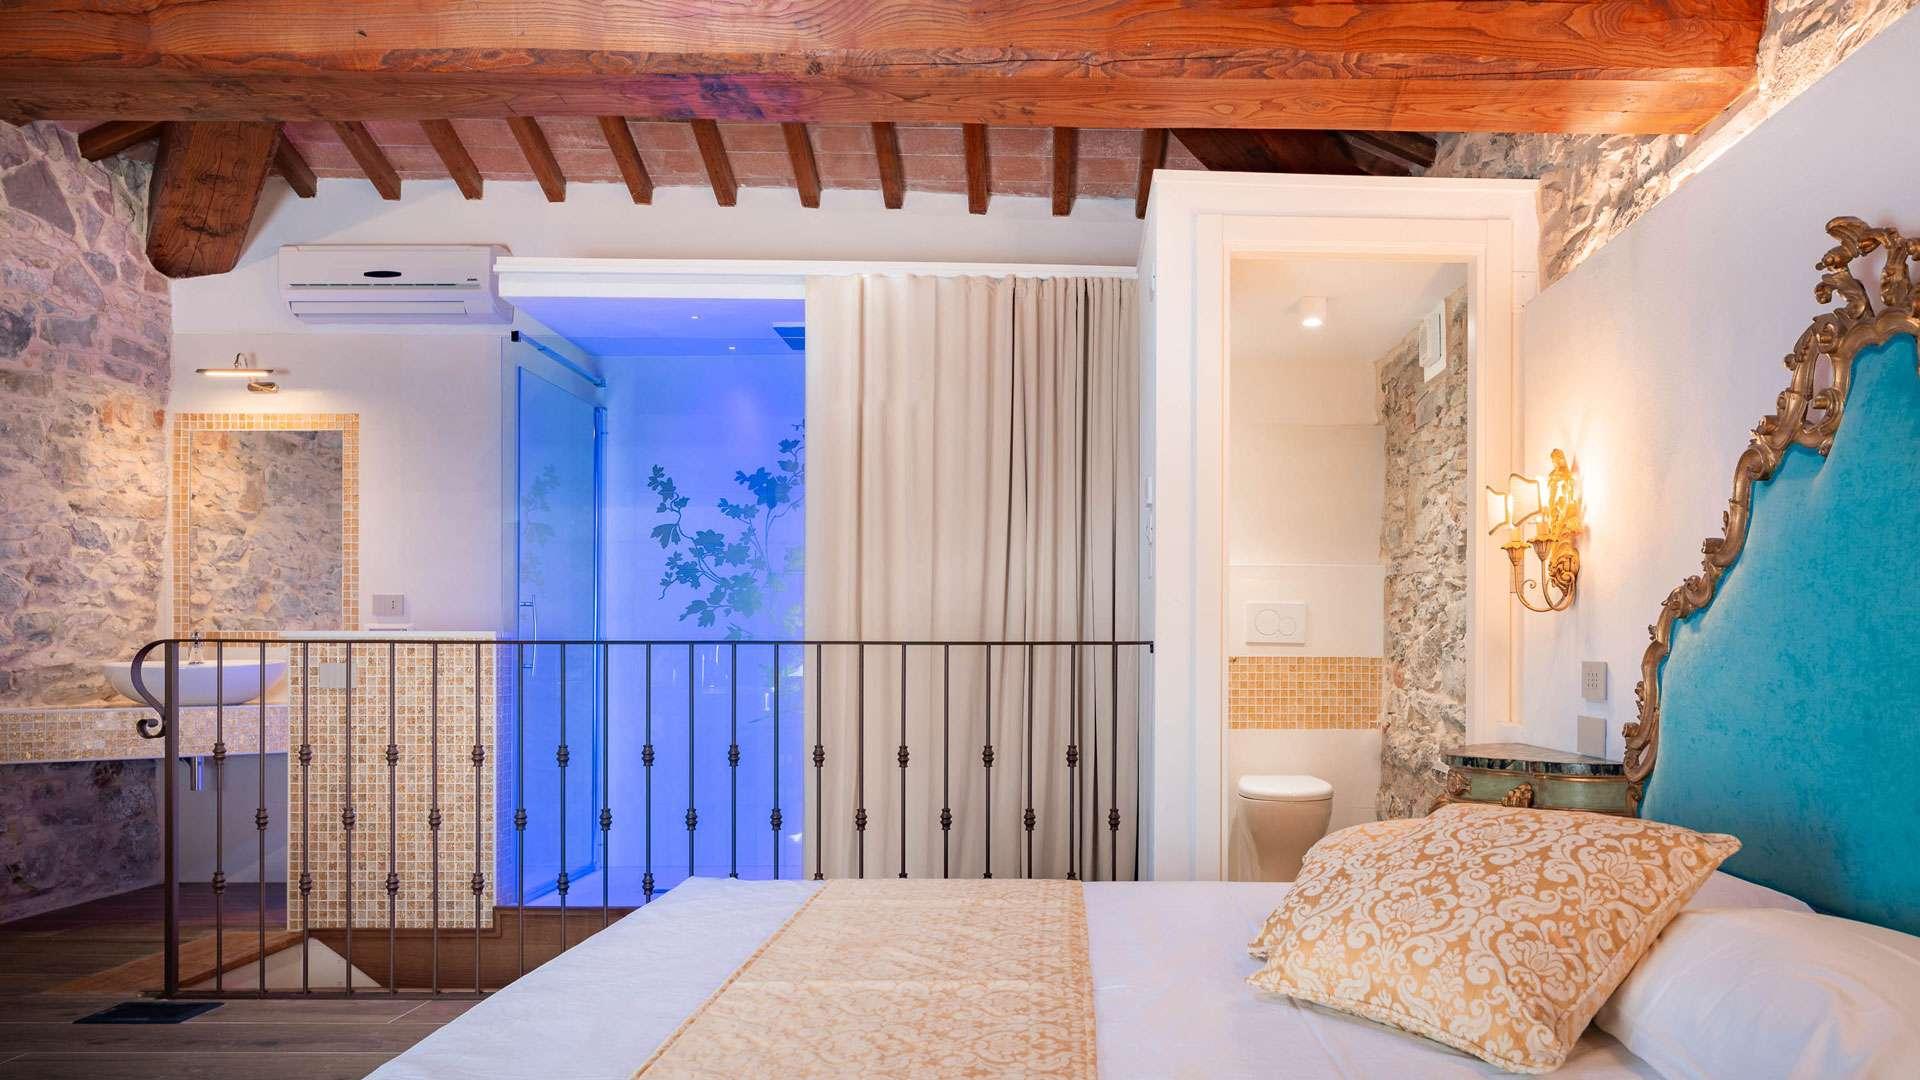 Una delle camere dell'agriturismo, con travi in legno e pareti in pietra a vista